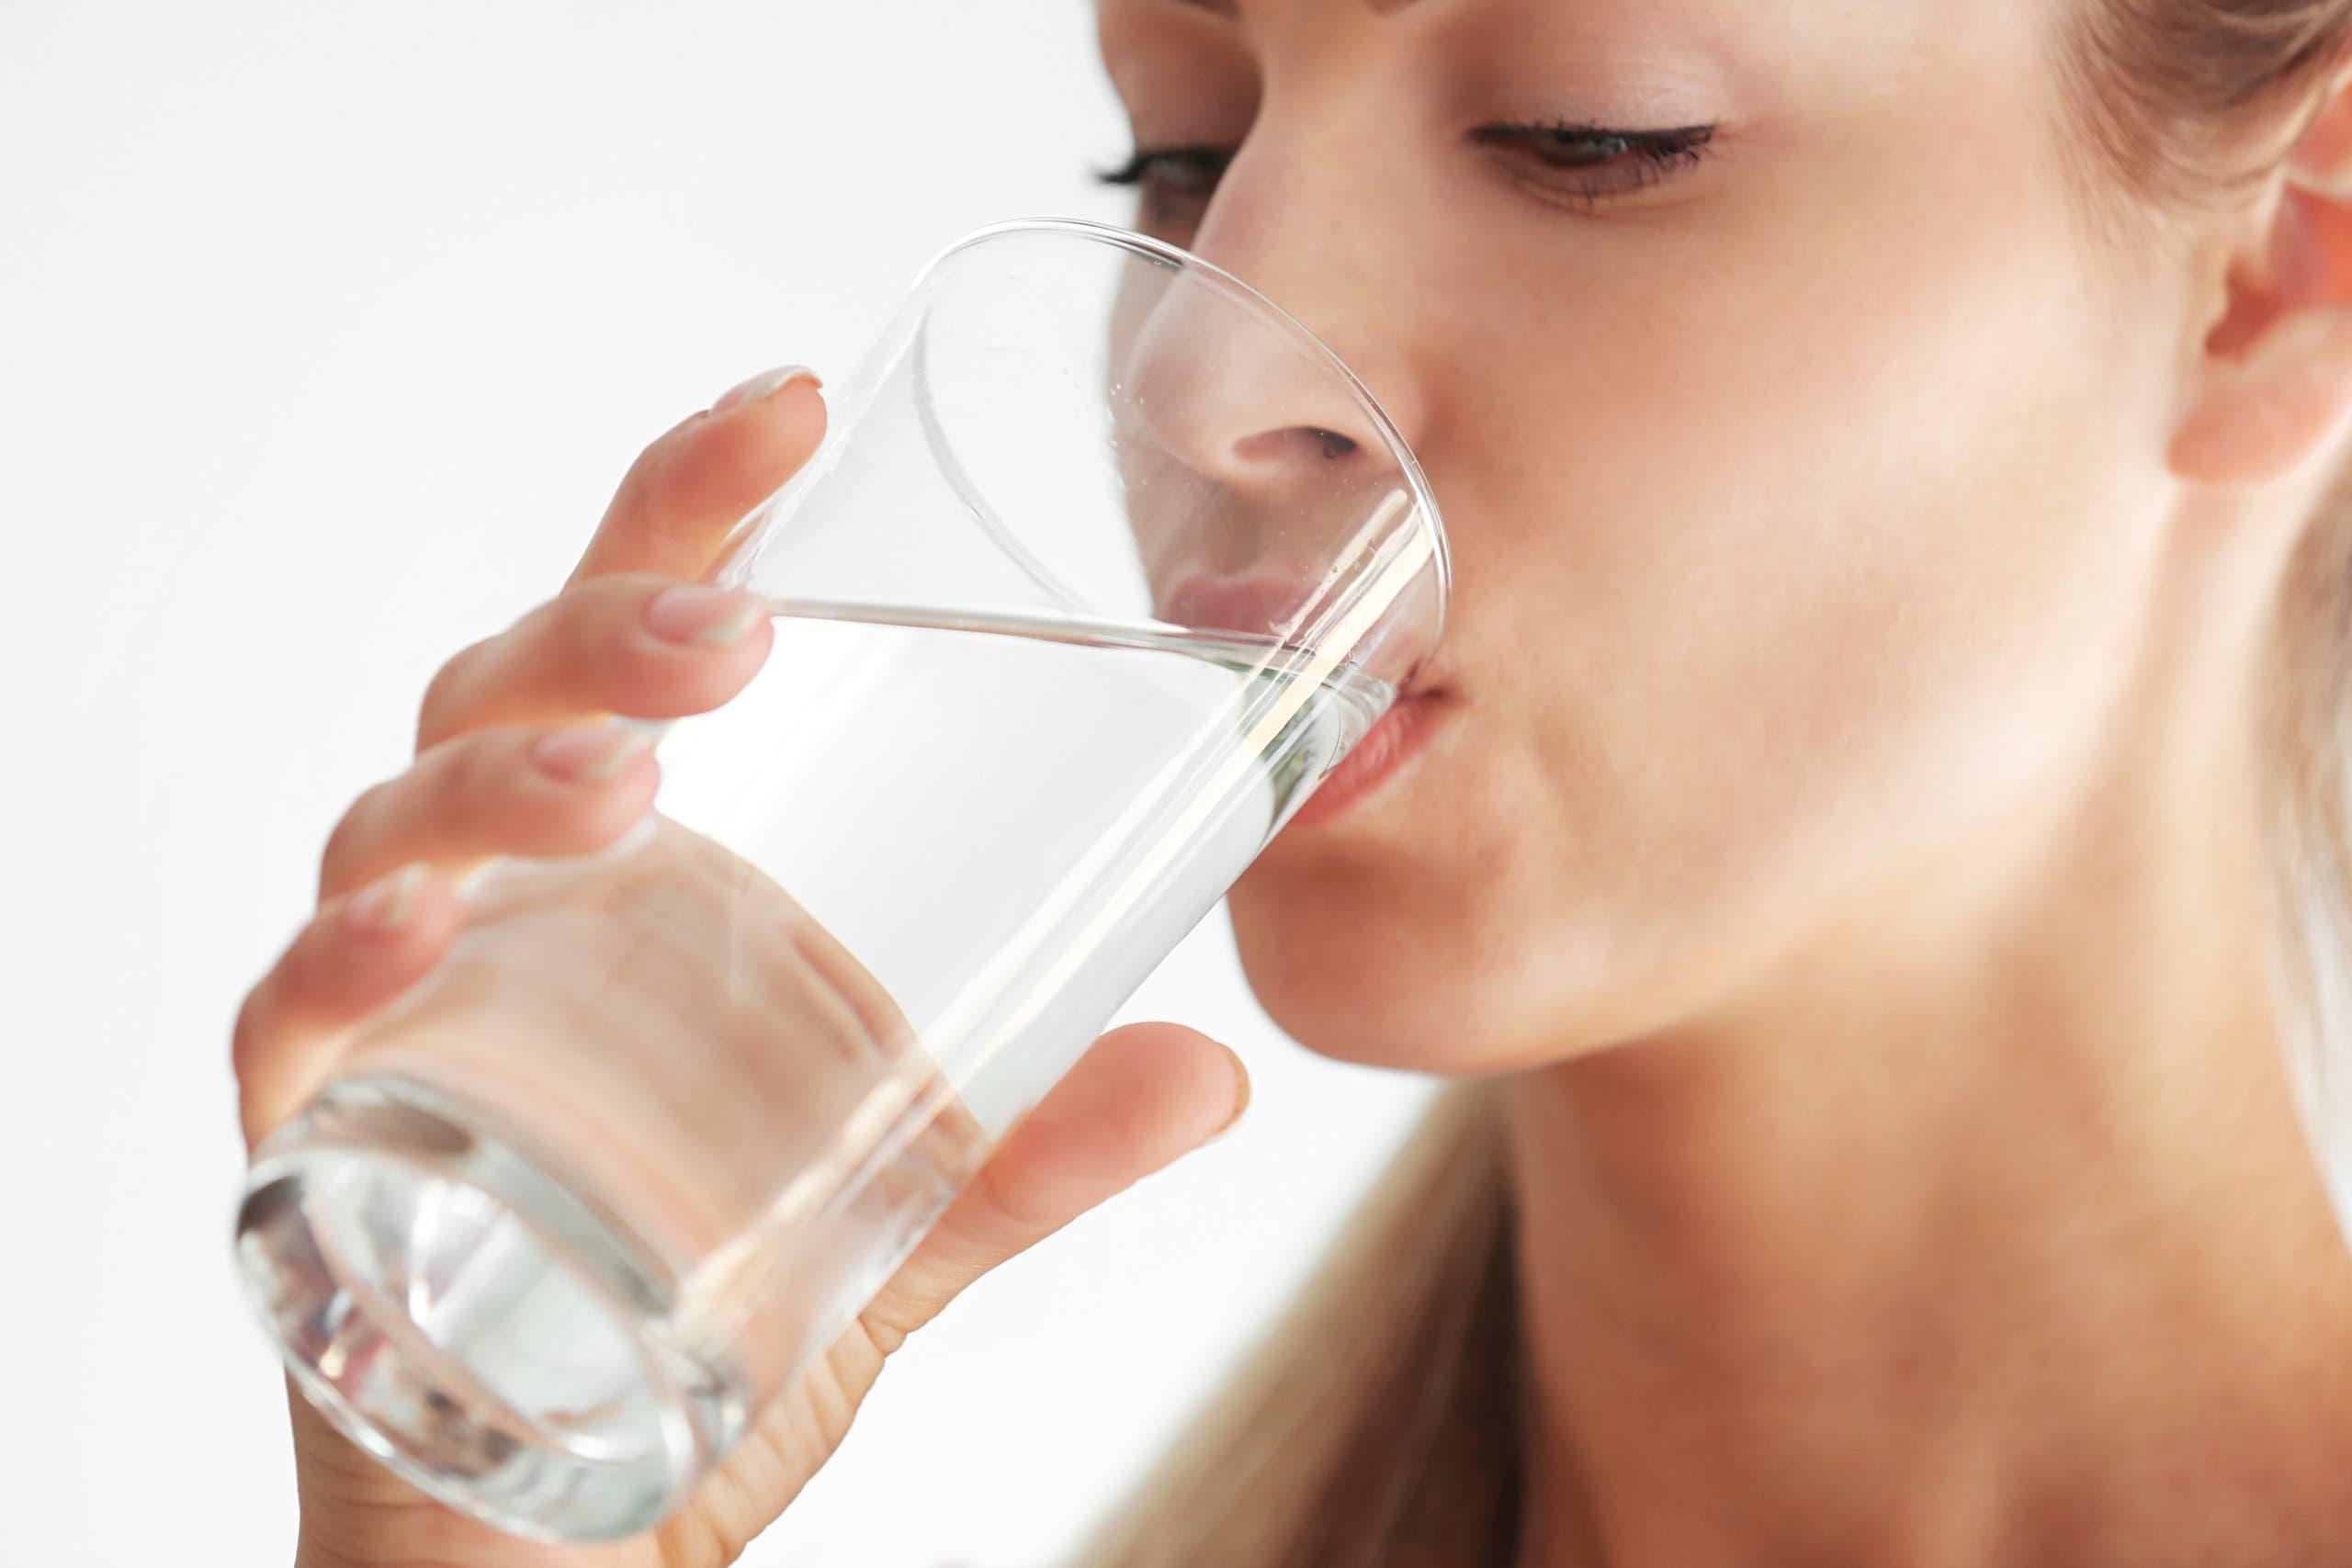 لحماية البشرة تحتاج إلى شرب 8 أكواب من الماء يوميا